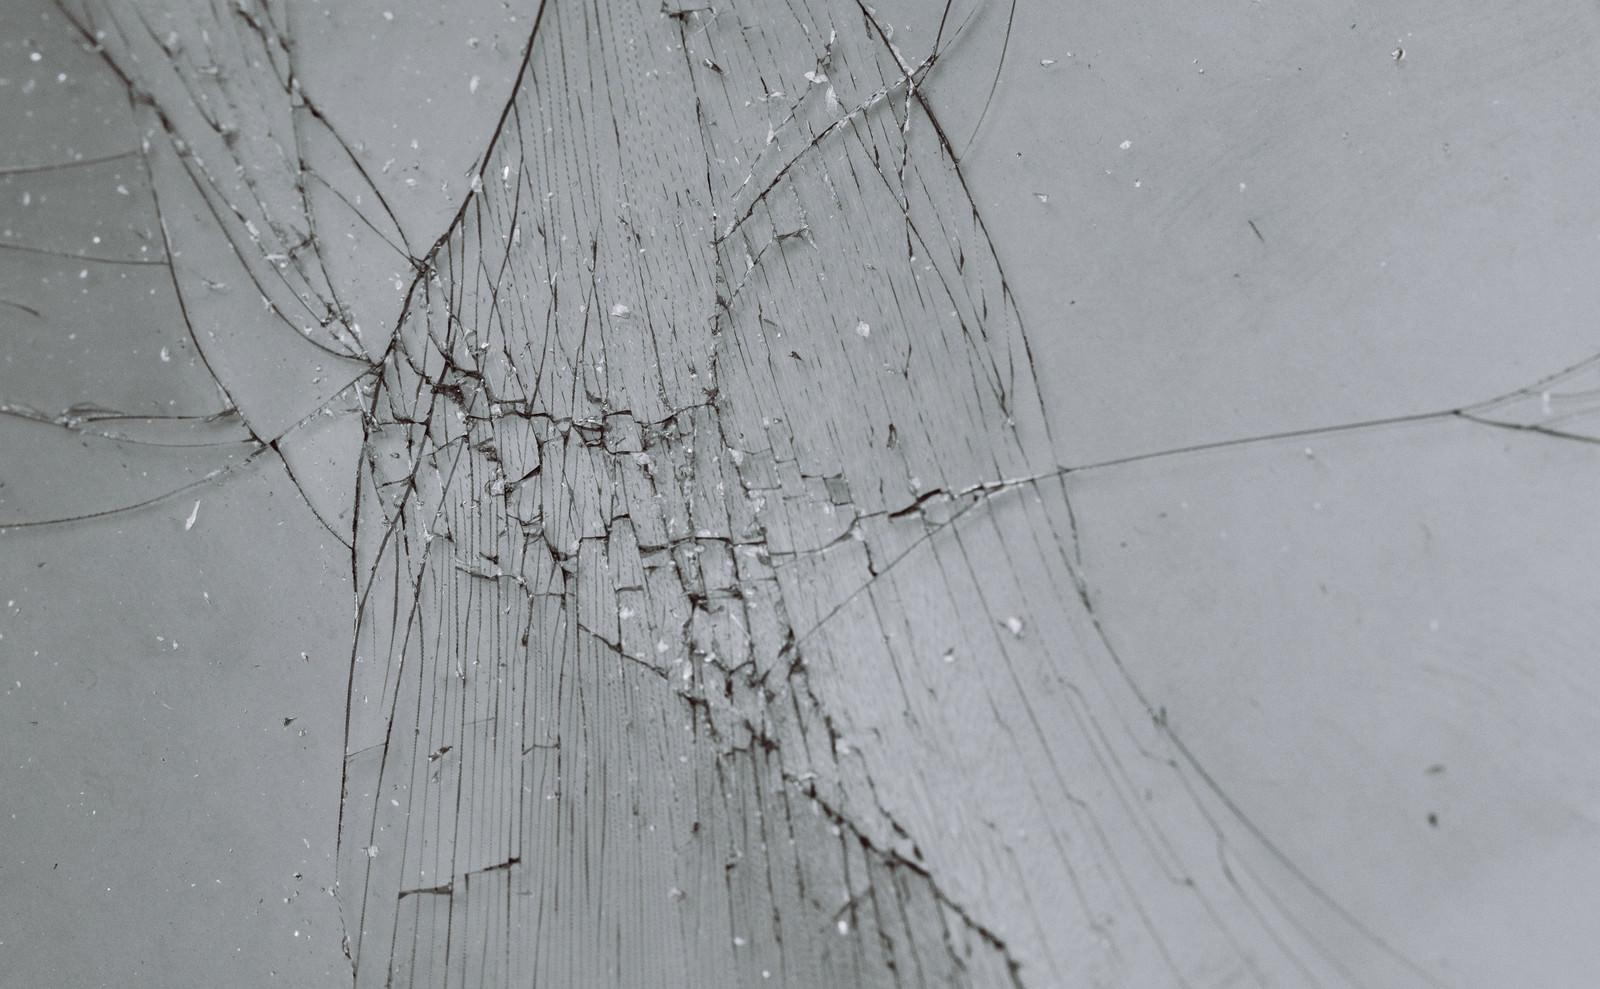 「ガラスのフィルムにヒビが入った(テクスチャ)」の写真